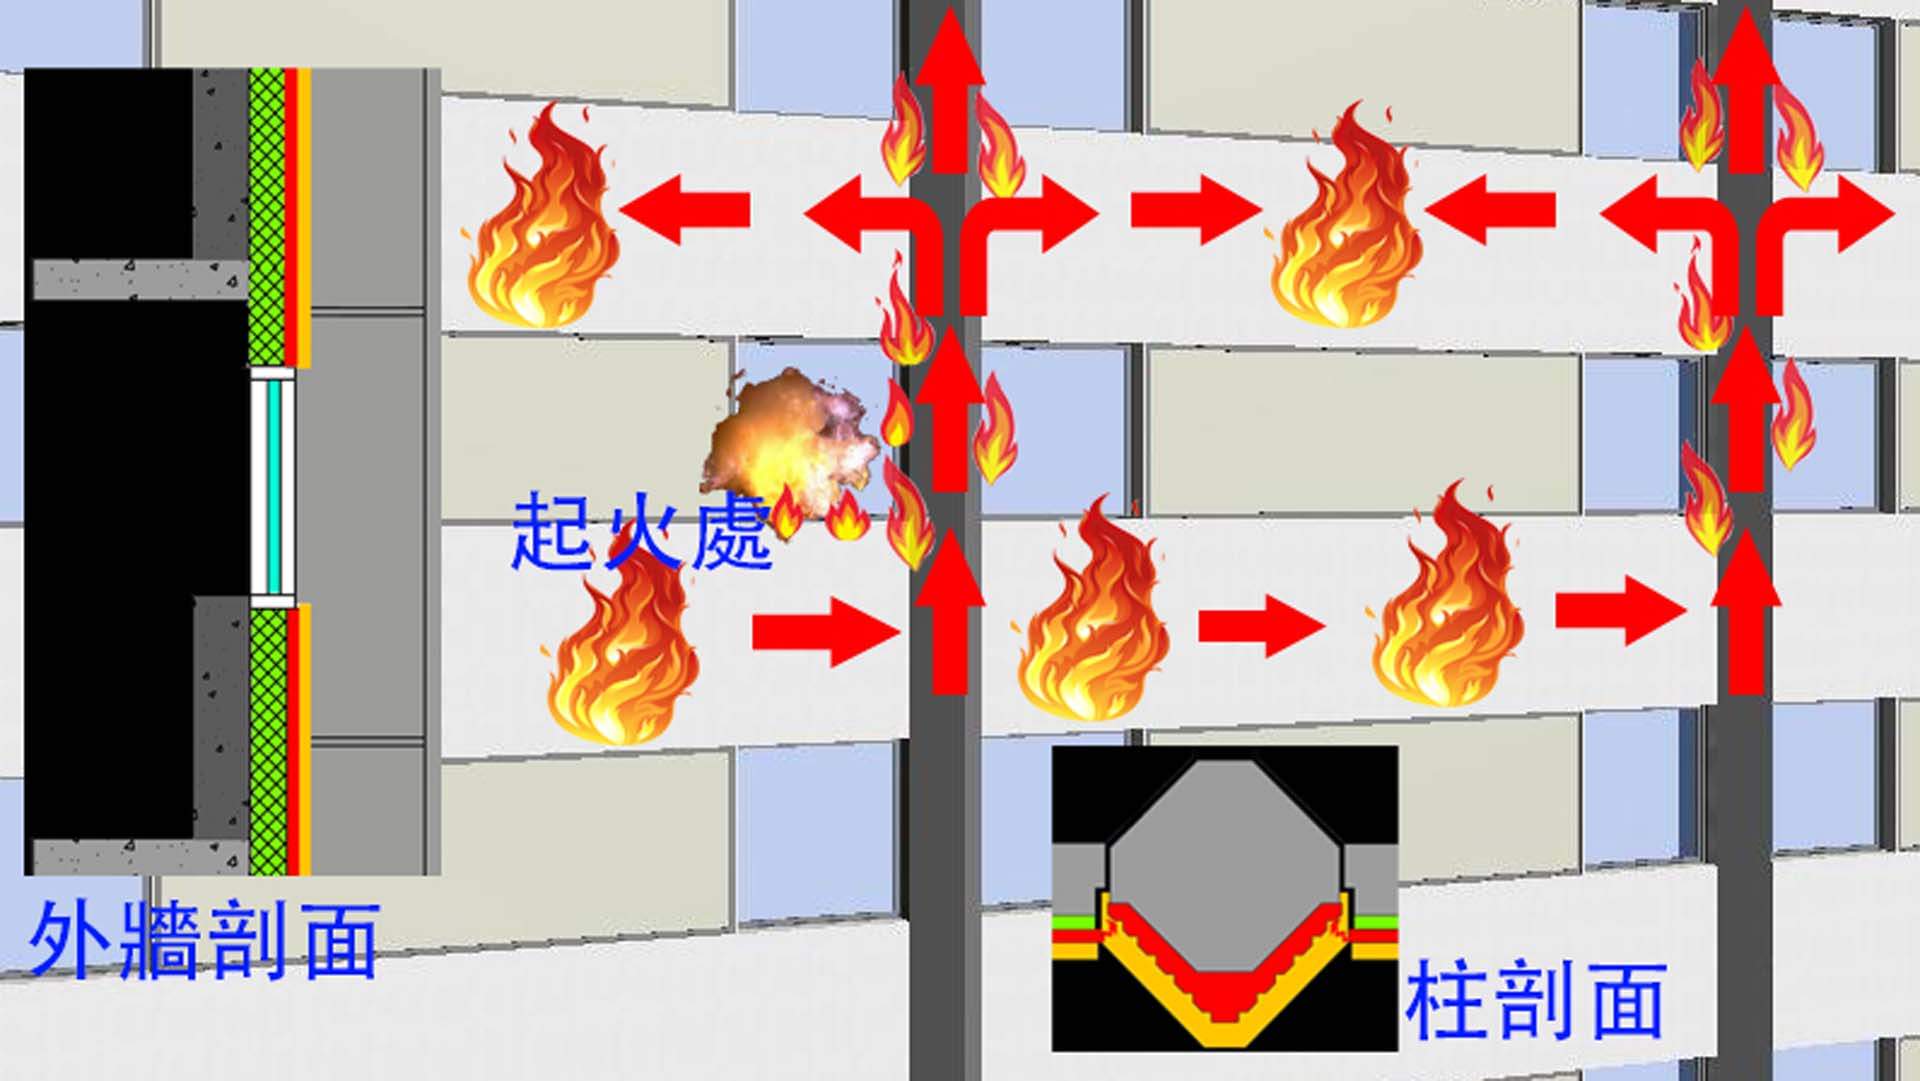 倫敦大火火勢蔓延路徑圖。主要為順著內層的空氣腔,並藉著垂直的煙囪效應迅速的擴展至其它樓層。圖中綠色為保溫層,黃色為裝飾面層,夾於中間的紅色即為空氣腔。